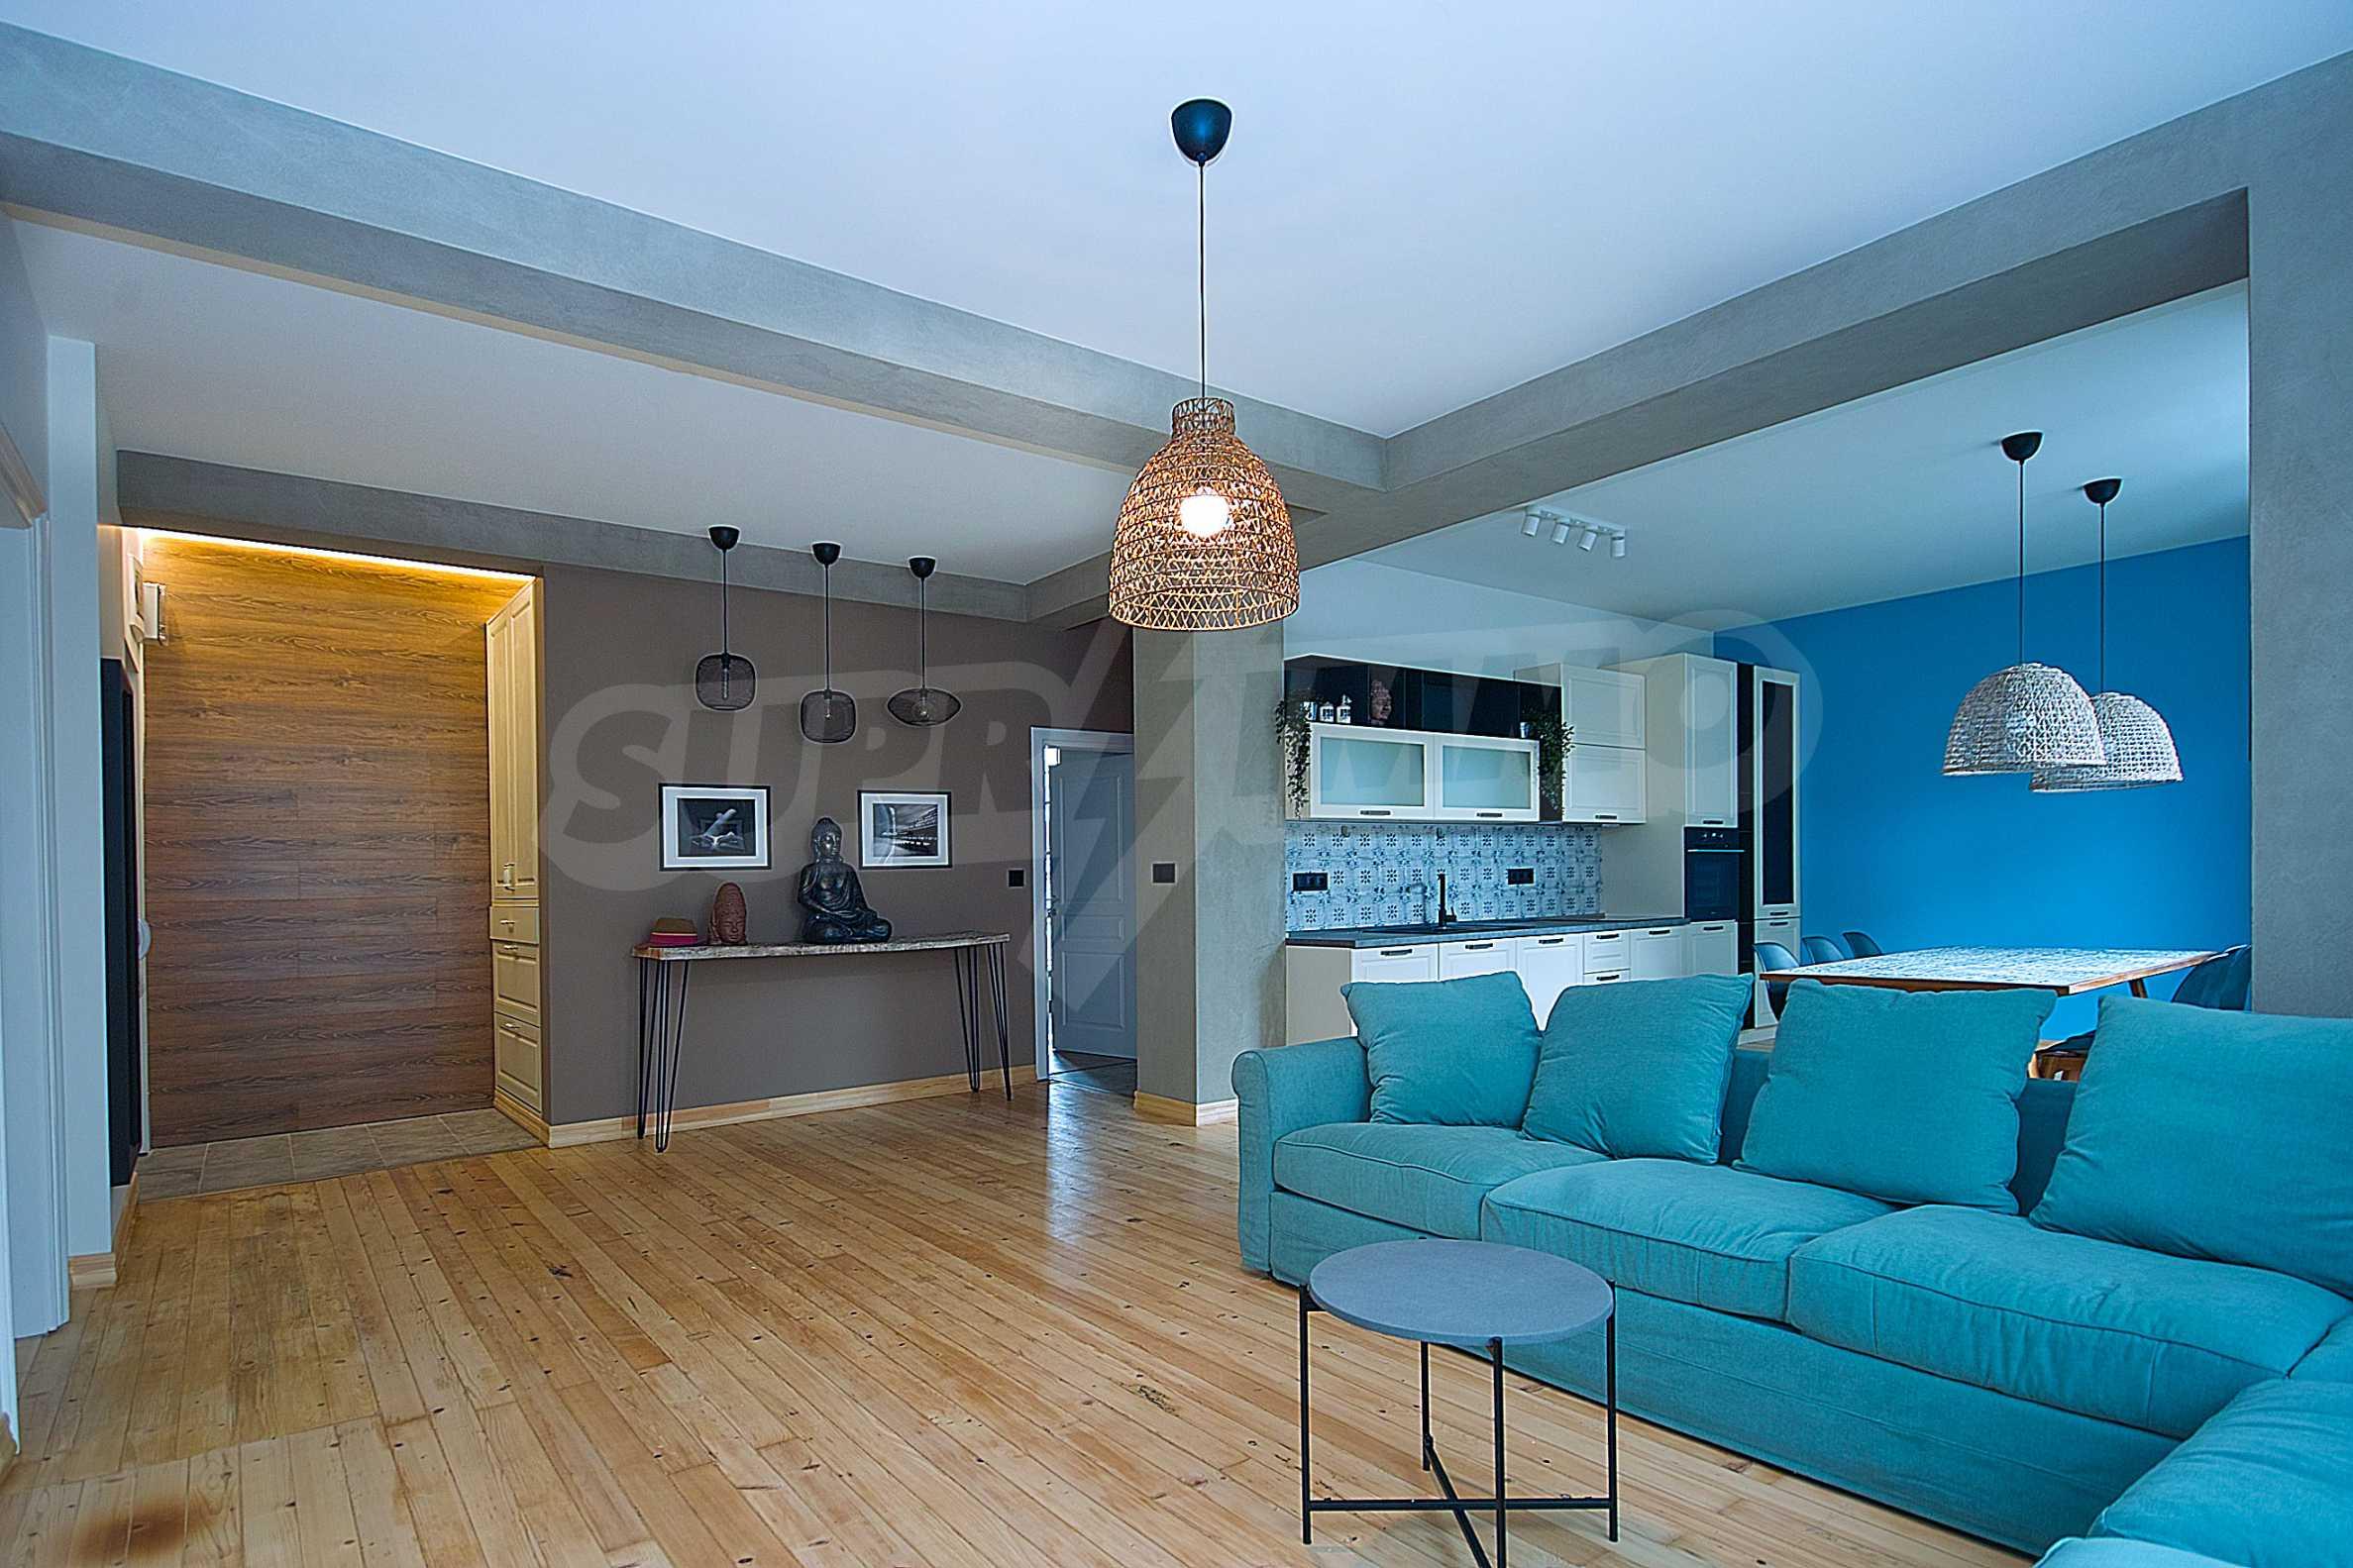 Möblierte Wohnung mit zwei Schlafzimmern in der Mitte 2